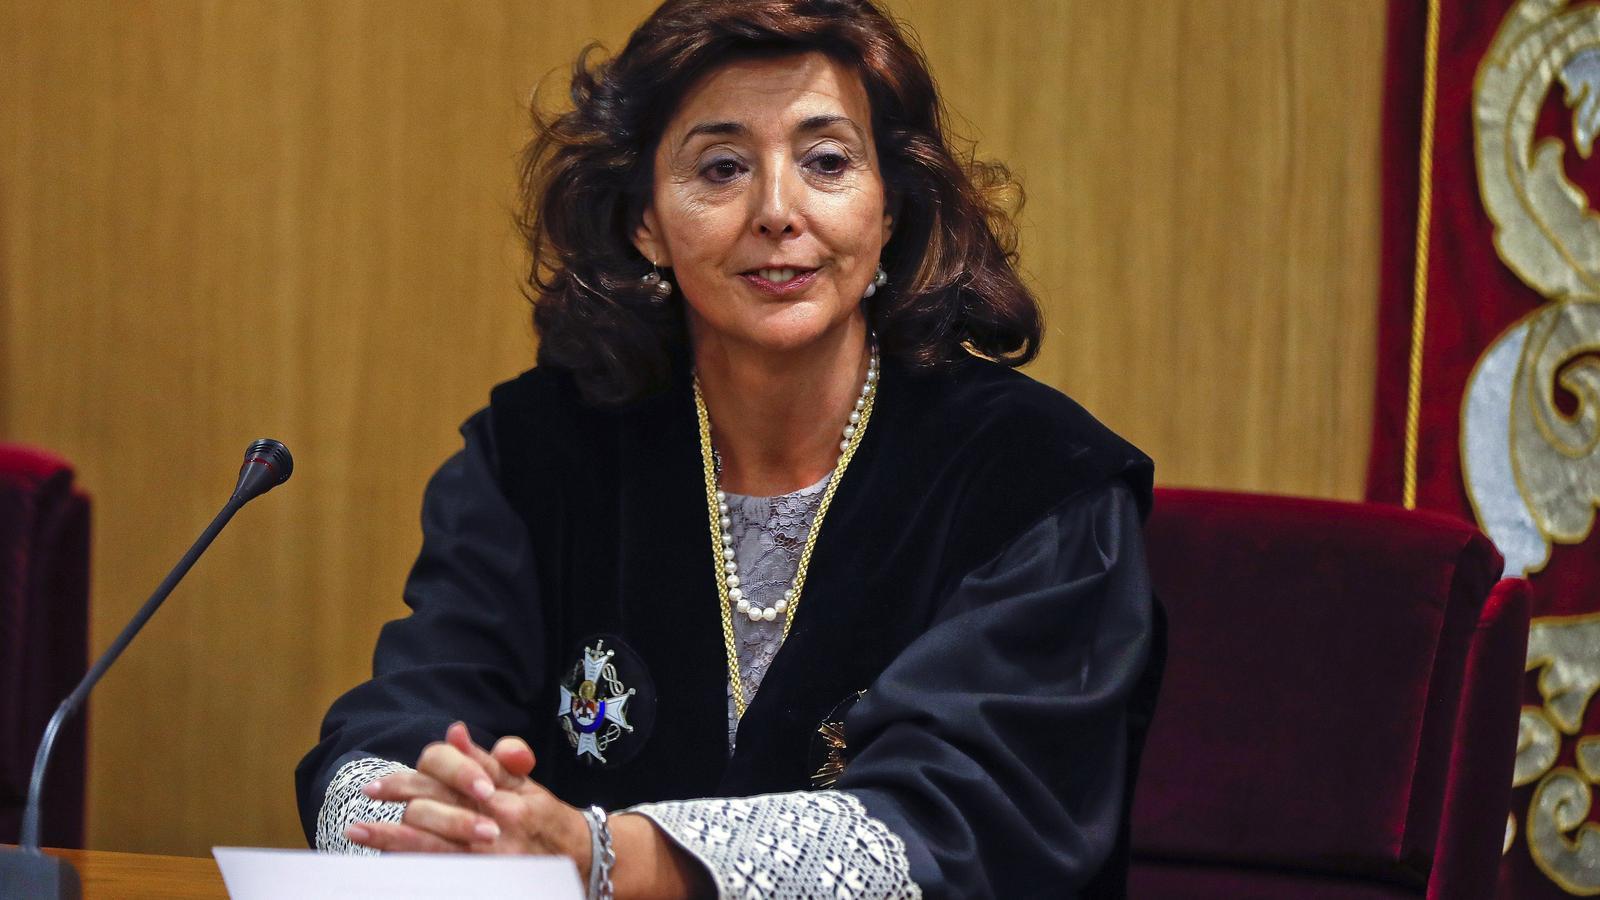 La magistrada Concepció Espejel després de la presa possessió com a presidenta de la Sala Penal de l'Audiència Nacional l'any 2017